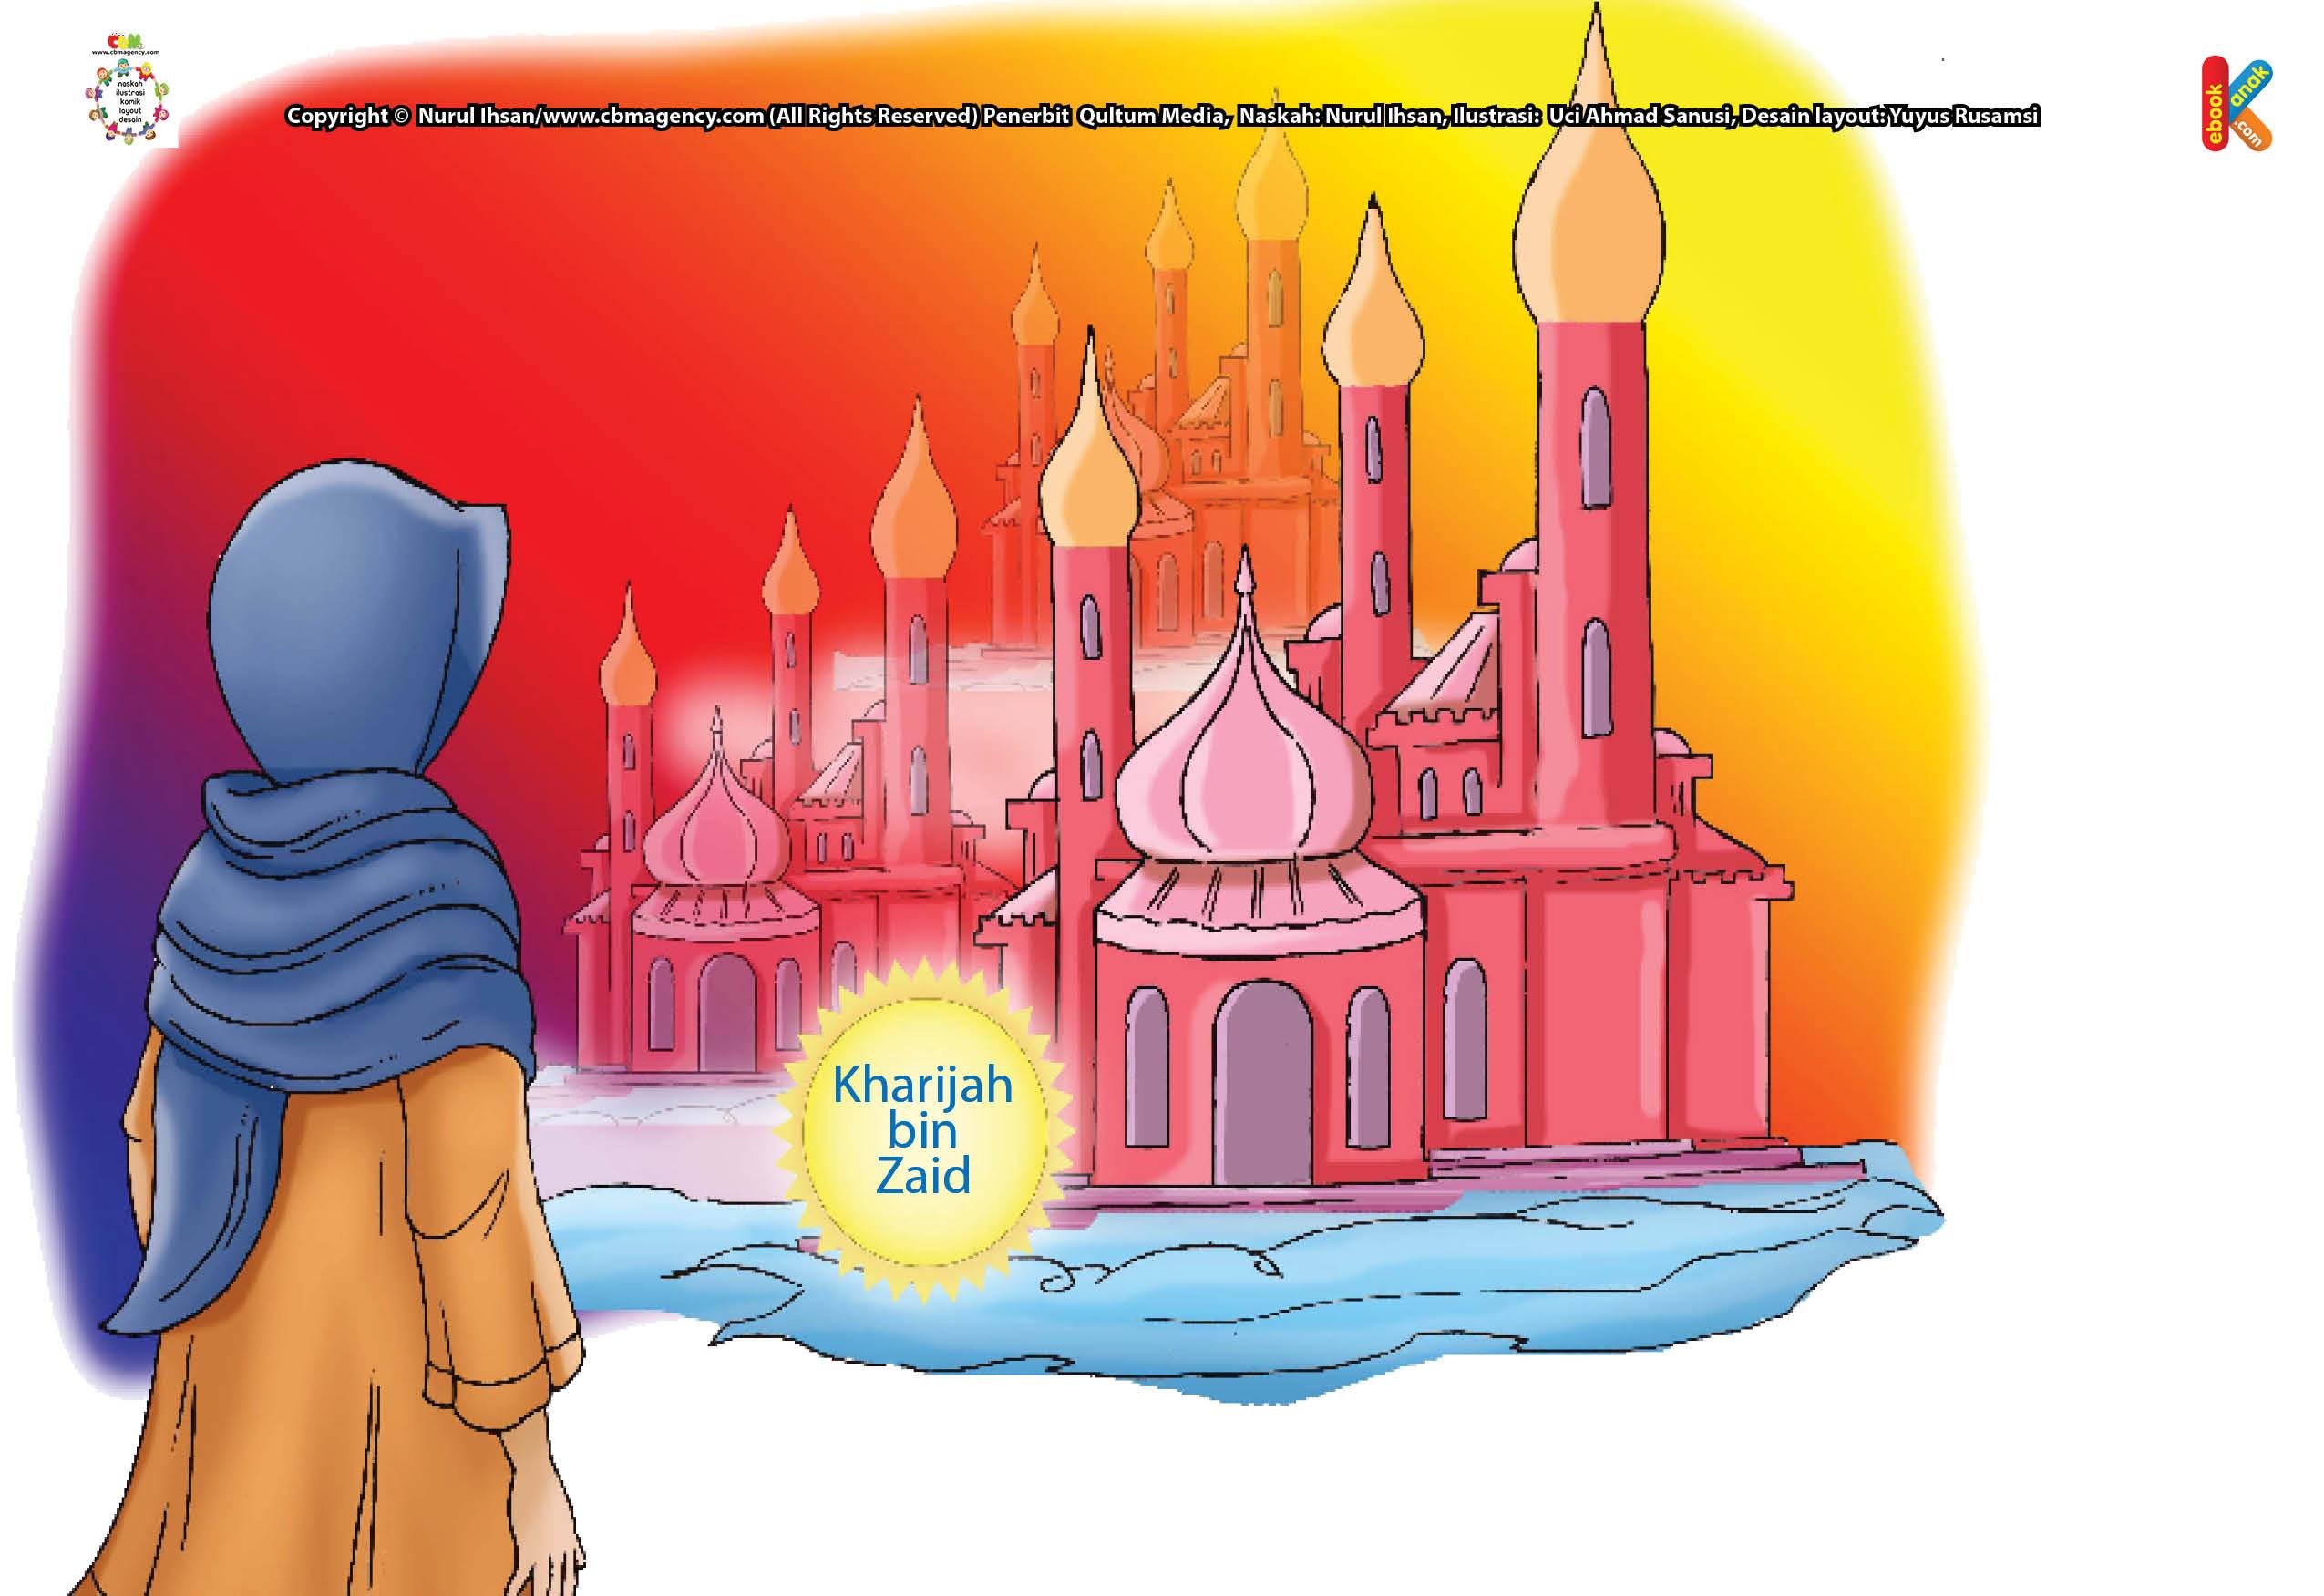 Sebelum meninggal, Kharijah bin Zaid sempat bermimpi membangun tujuh puluh bangunan, masing-masing setinggi tujuh puluh tingkat.